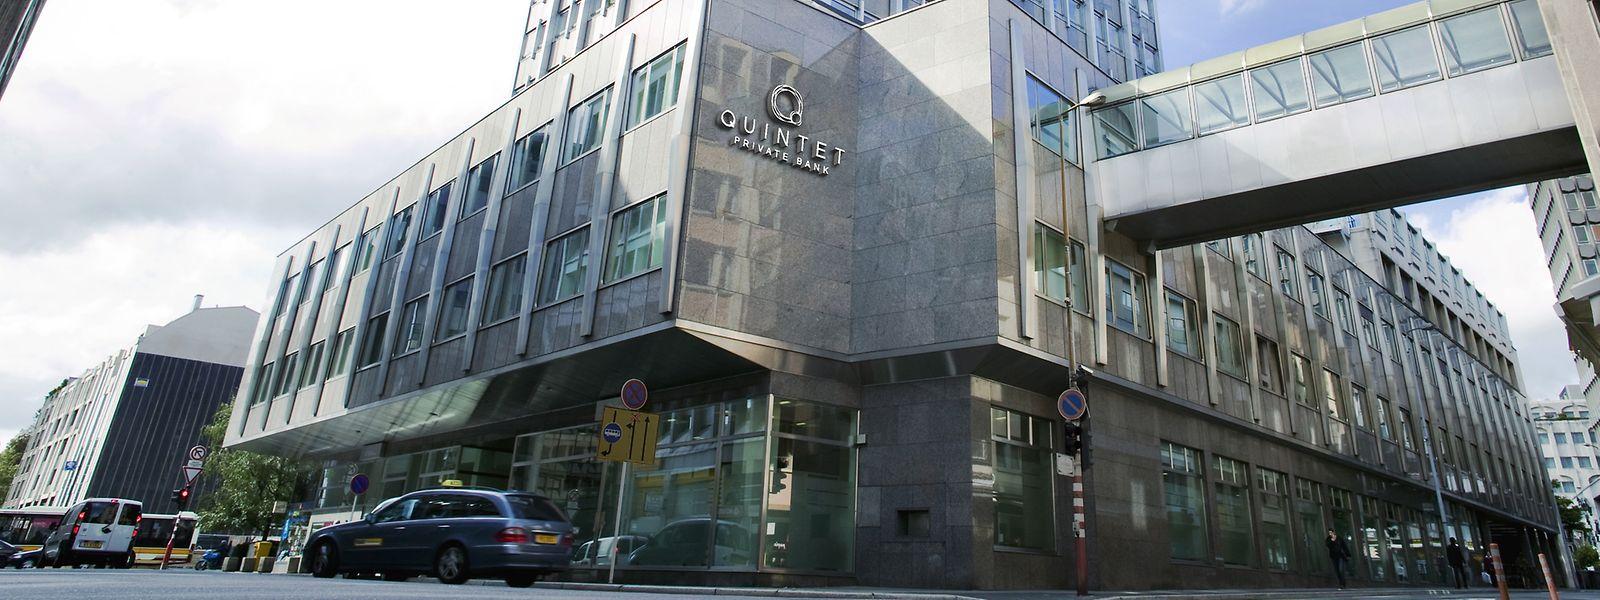 Der Hauptsitz von Quintet Private Bank befindet sich in Luxemburg.